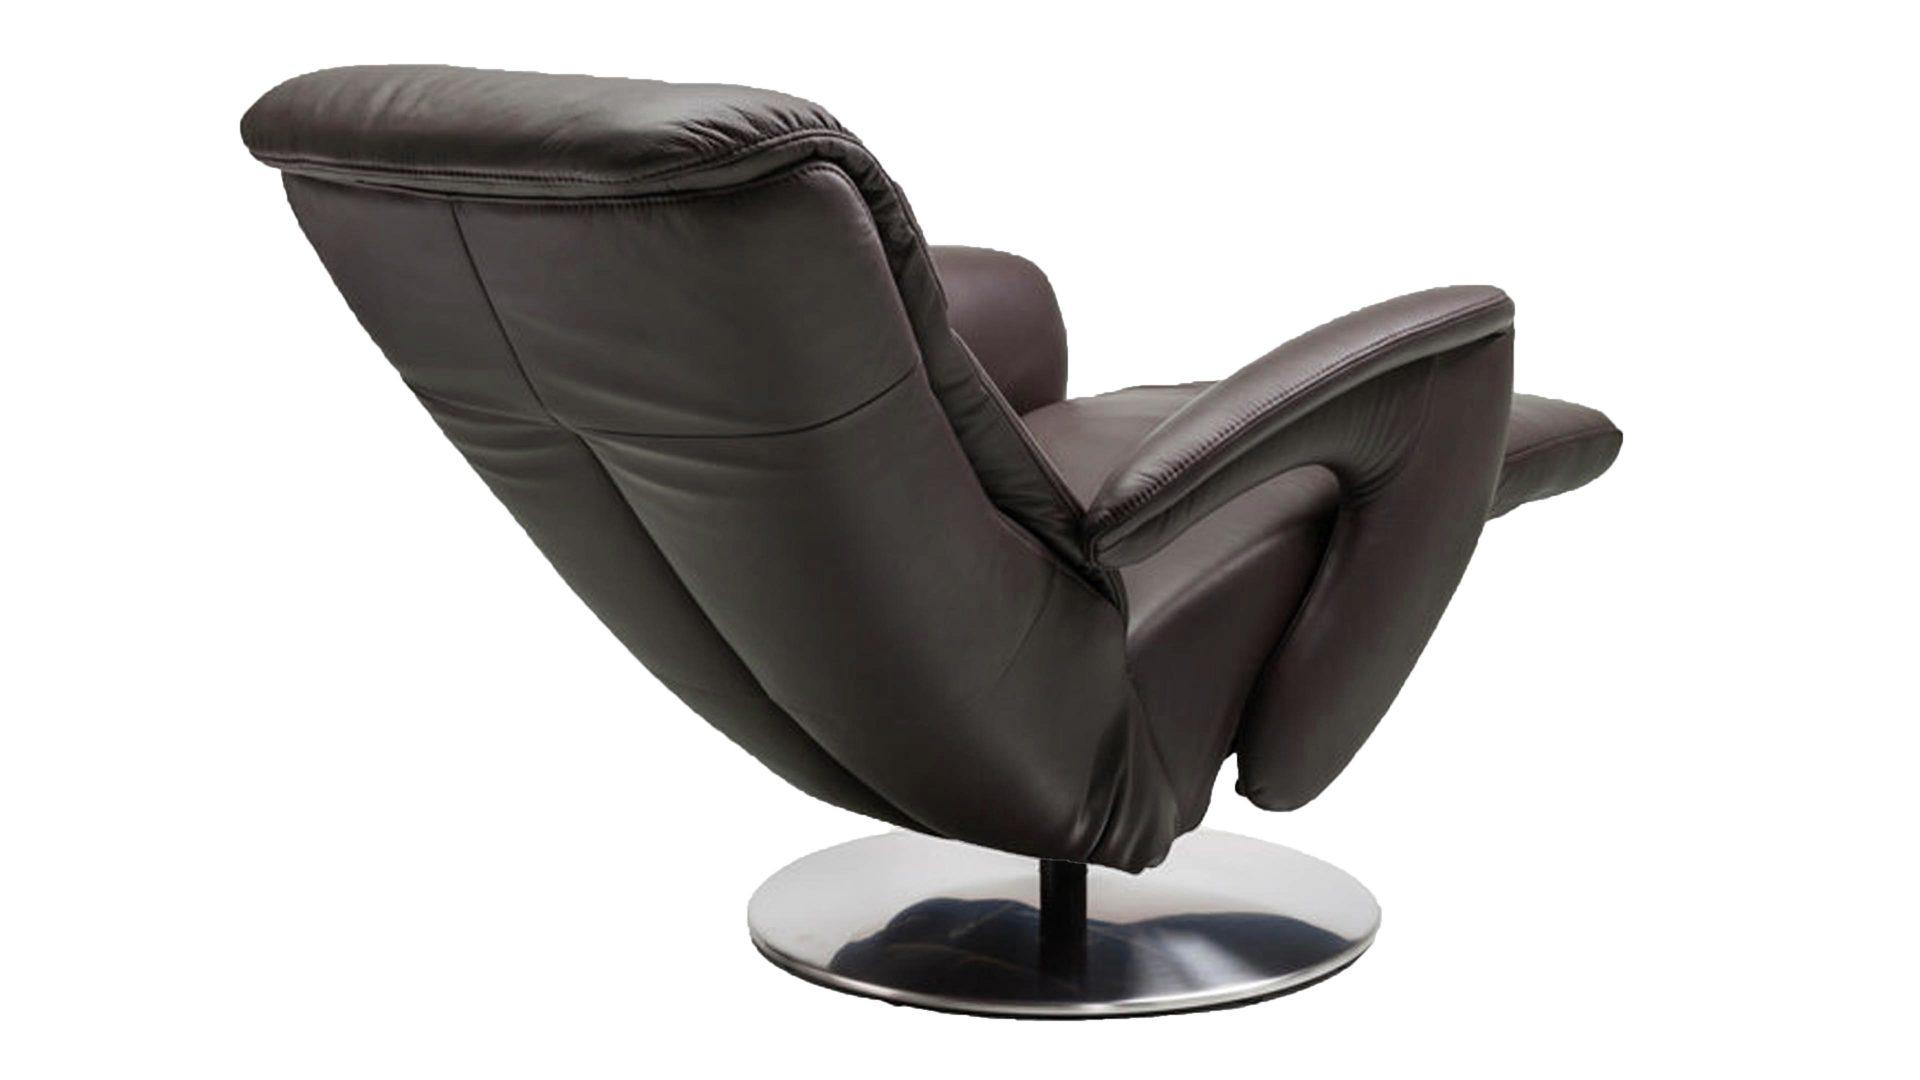 relaxsessel mit liegefunktion design, design sessel mit liegefunktion | williamflooring, Design ideen